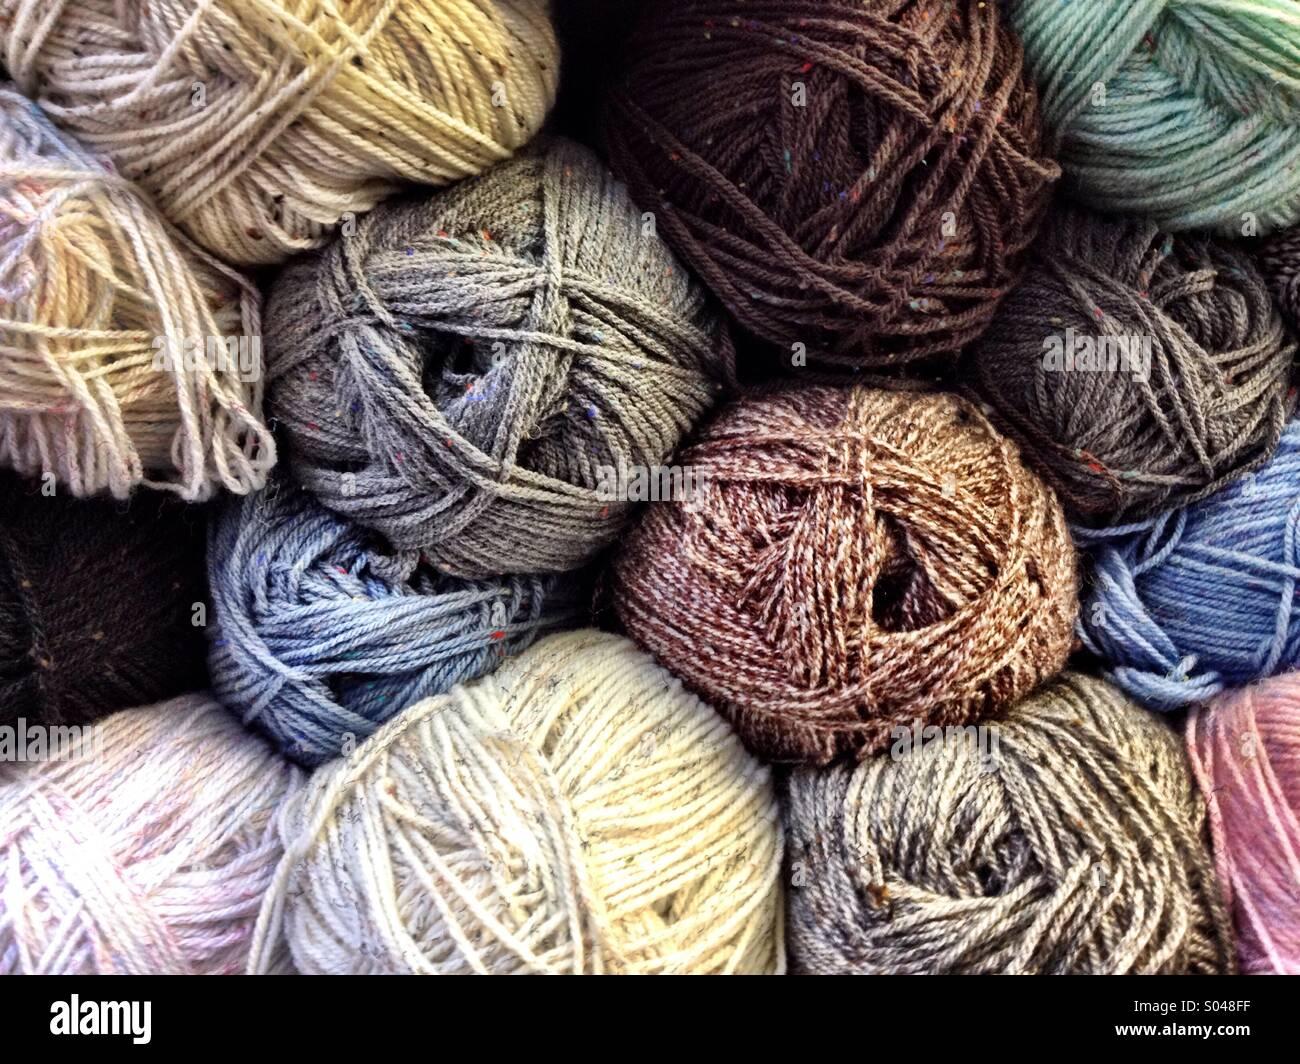 Balls of Aran wool - Stock Image